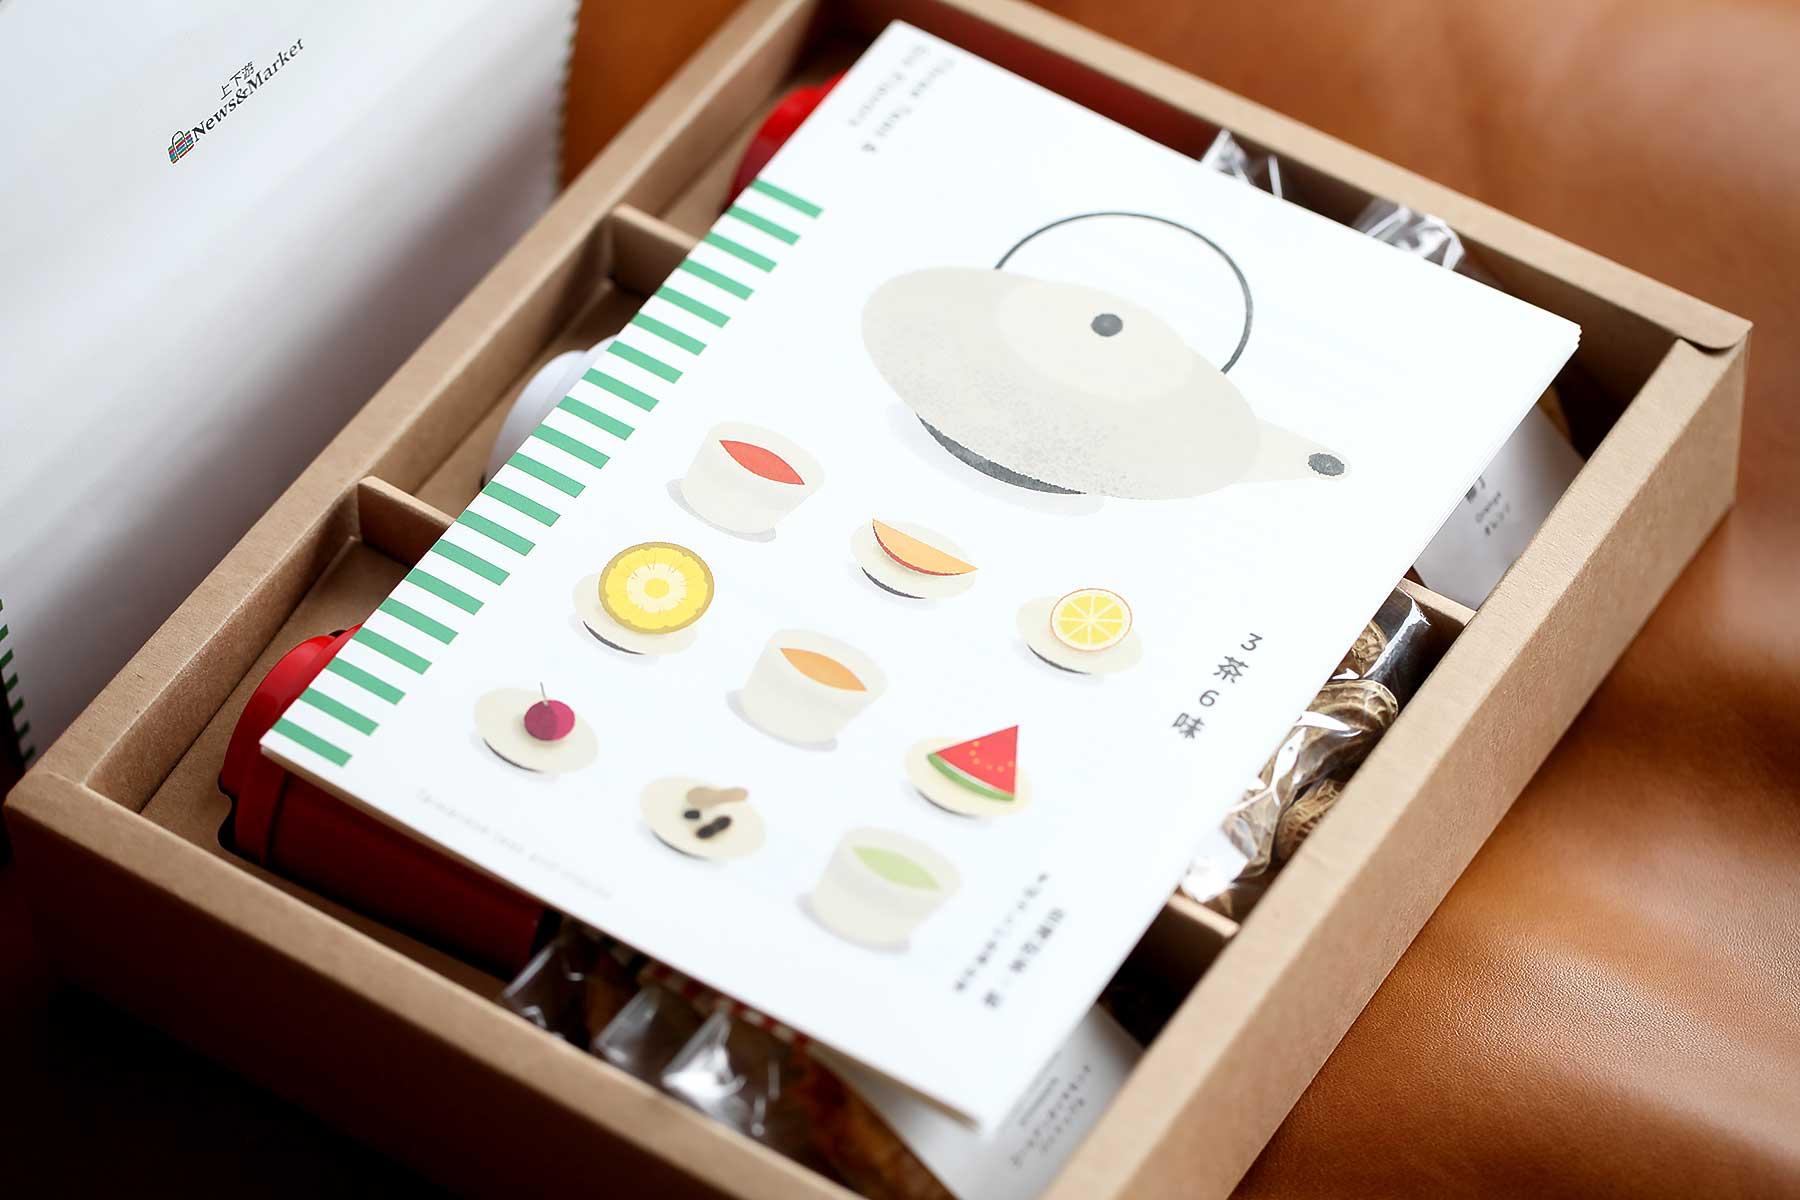 打開禮盒,映入眼簾的是非常有質感的三茶六味產品介紹手冊。